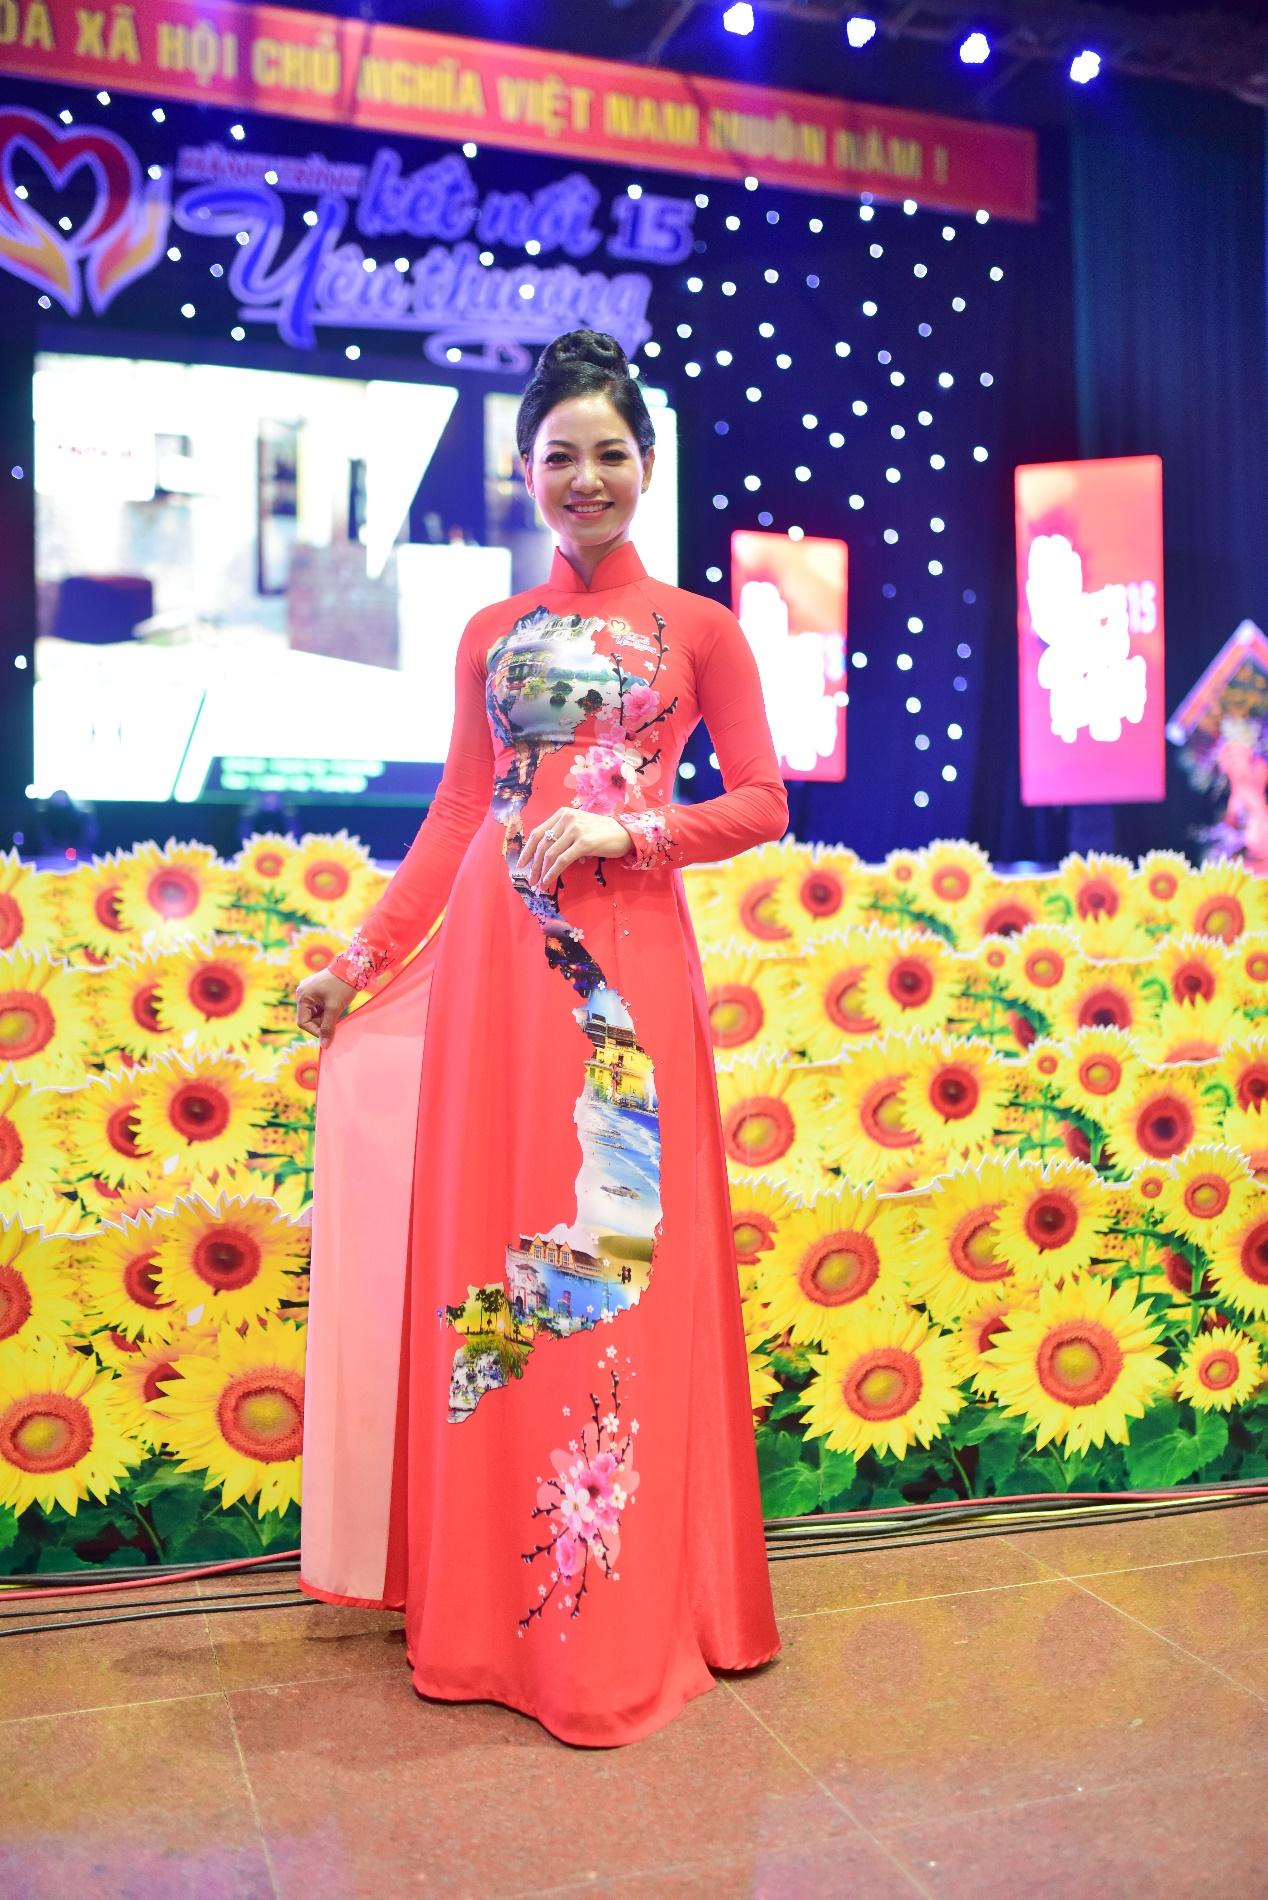 Lưu Lan Anh cùng Hành Trình Kết Nối Yêu Thương số 15 mang yêu thương đến Quảng Ngãi - Ảnh 5